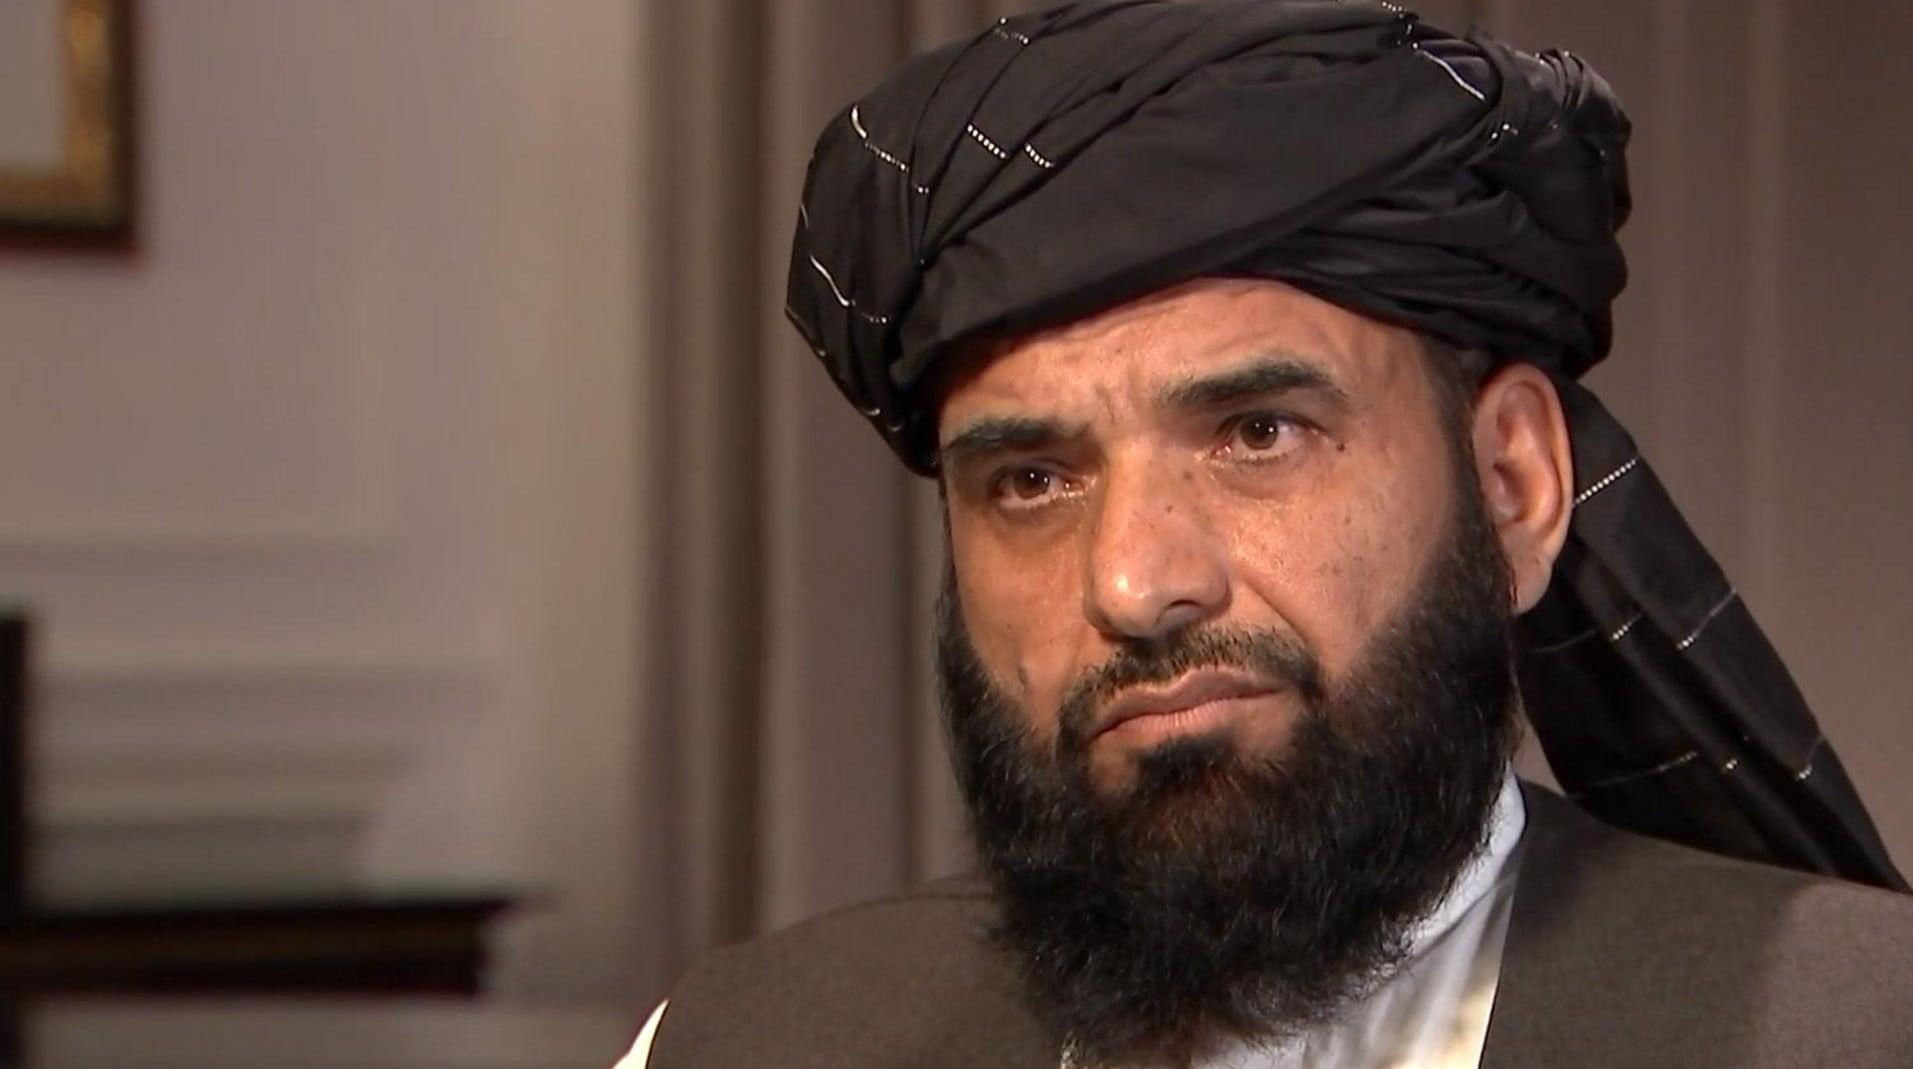 طالبان به تصمیم سازمان ملل متحد که آنها نمیتوانند در اجلاس مجمع عمومی این سازمان شرکت و سخنرانی کنند اعتراض کردند.